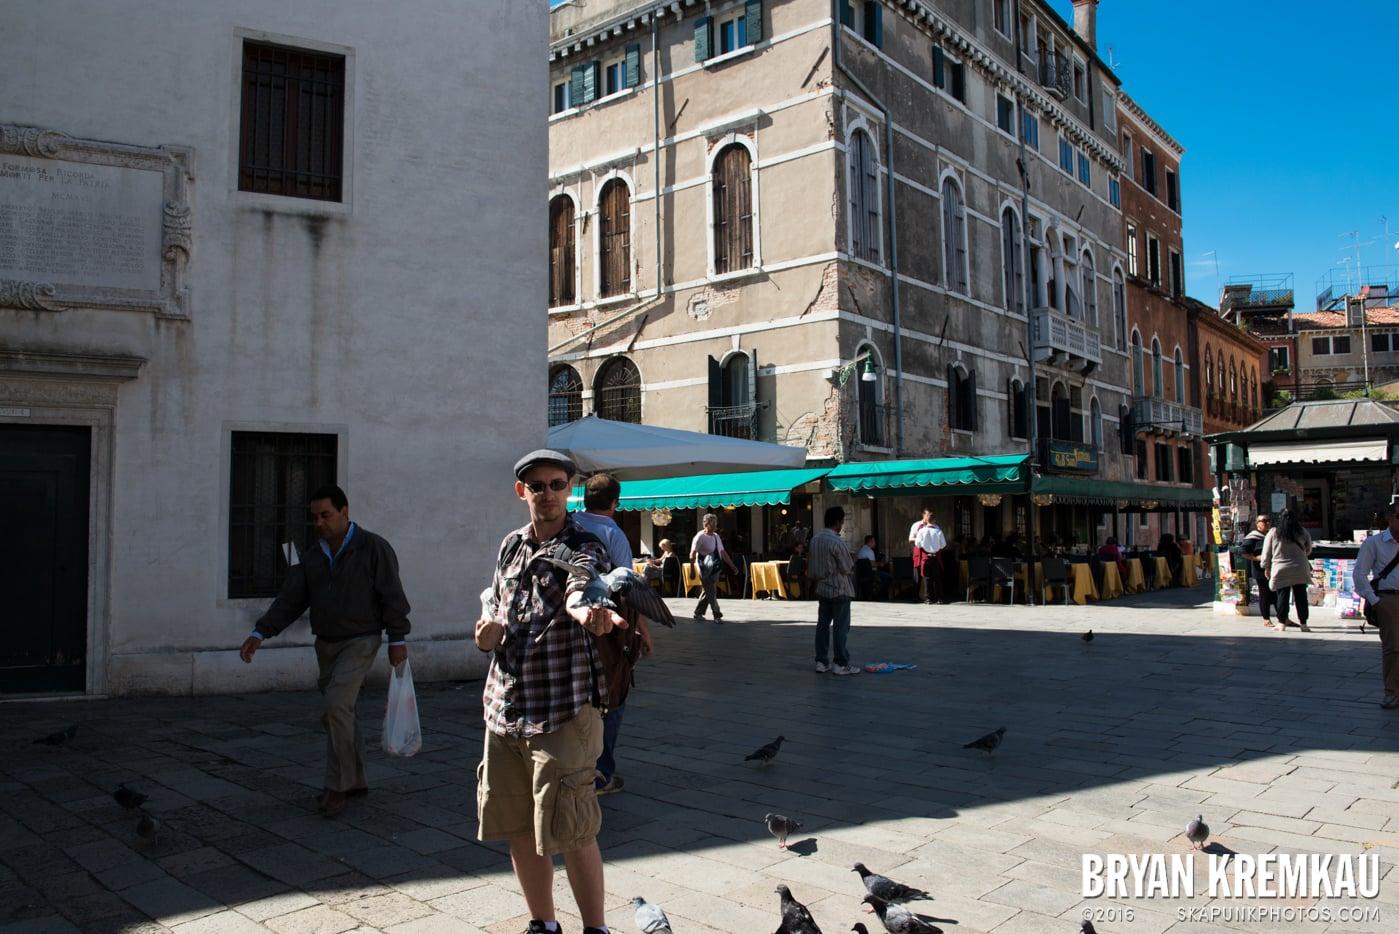 Italy Vacation - Day 4: Venice - 9.12.13 (74)